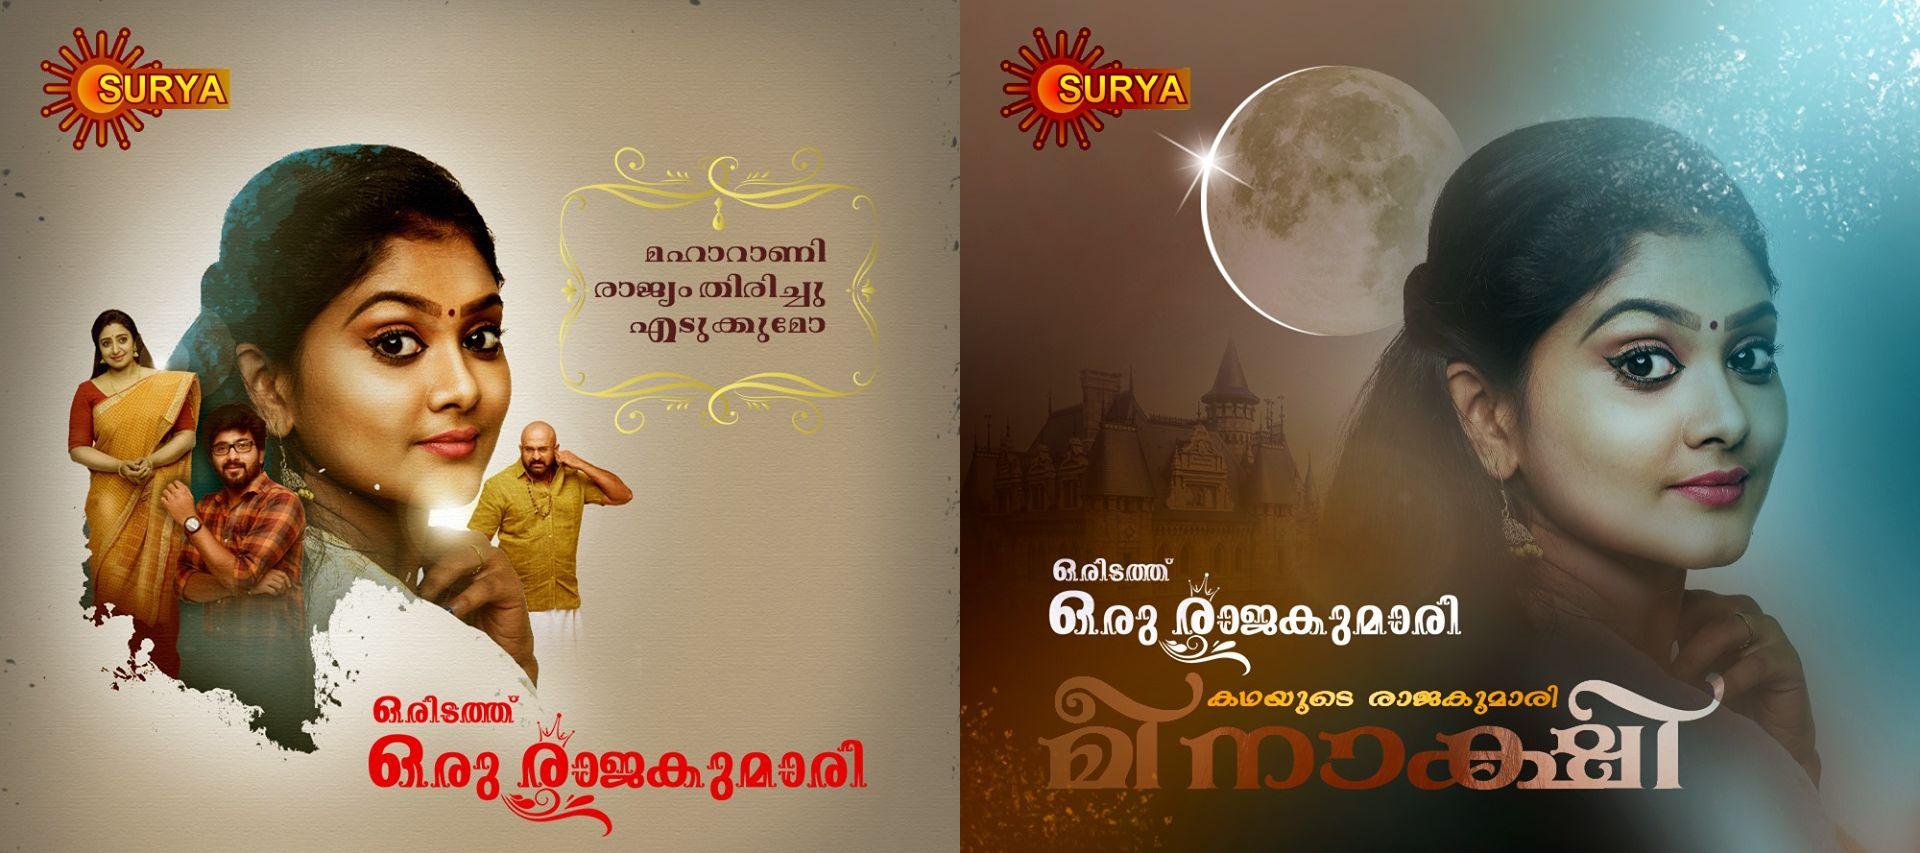 Vijaya Dasami TV Serial On Surya TV From 5th December 2016